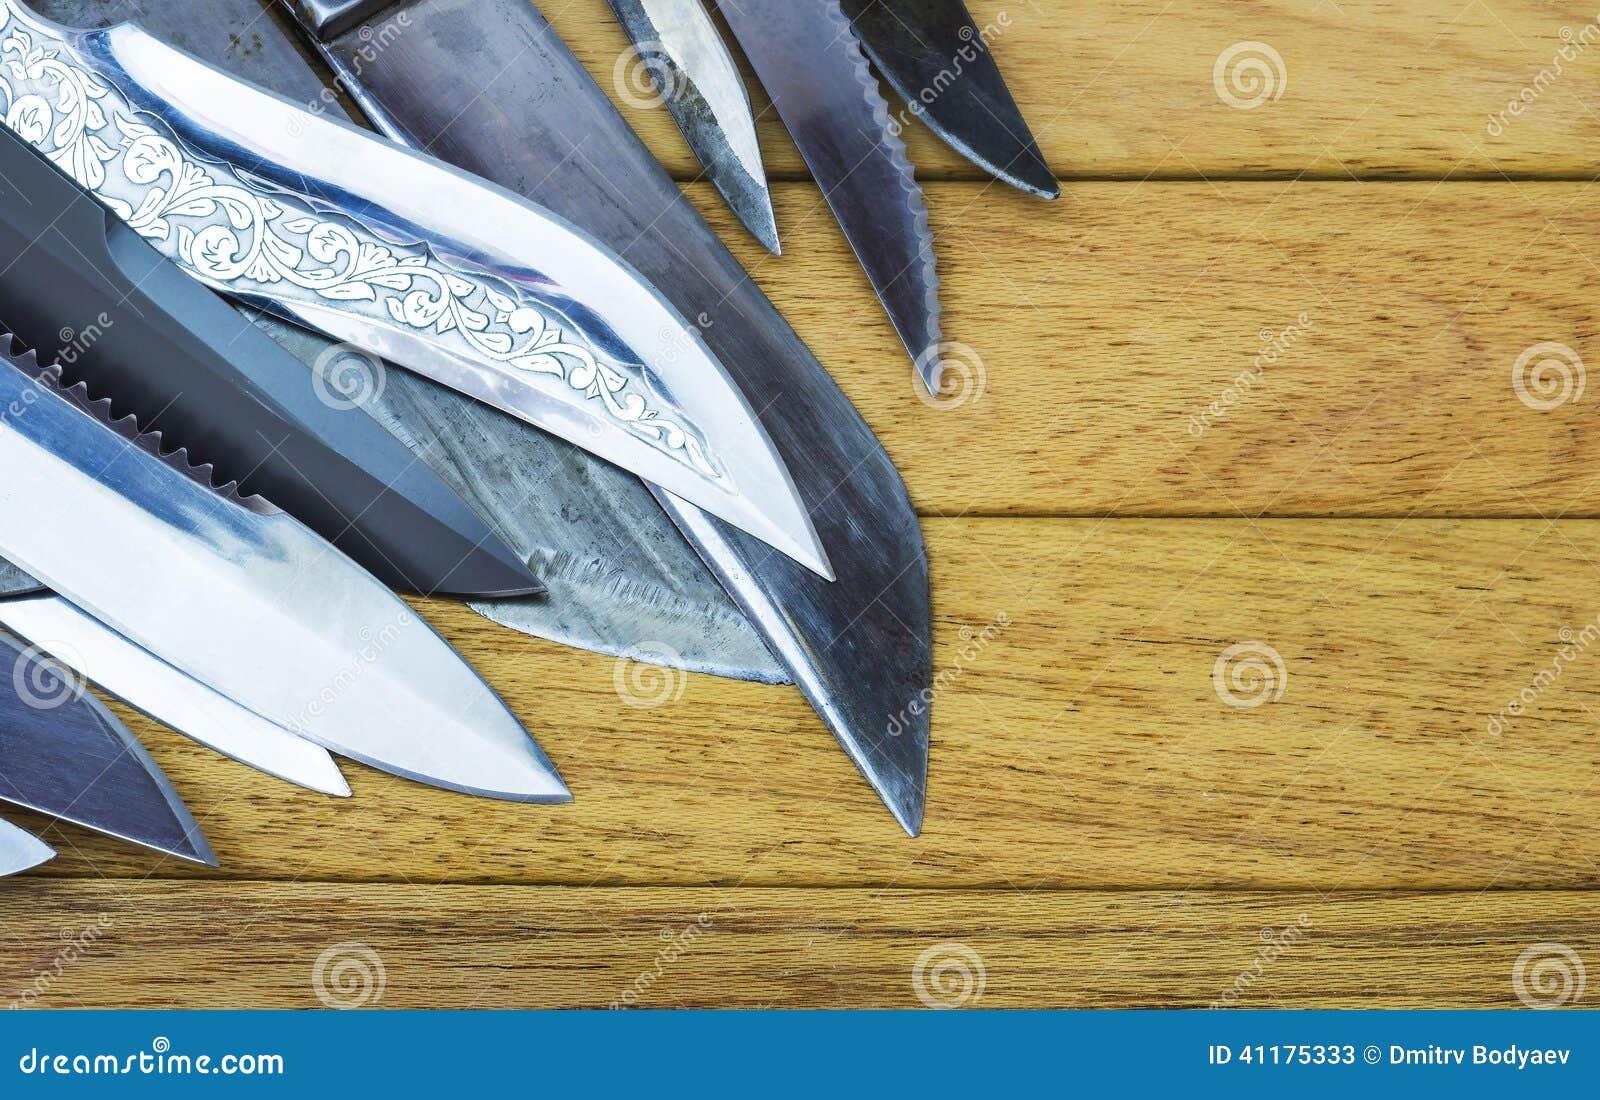 Een stapel van messen